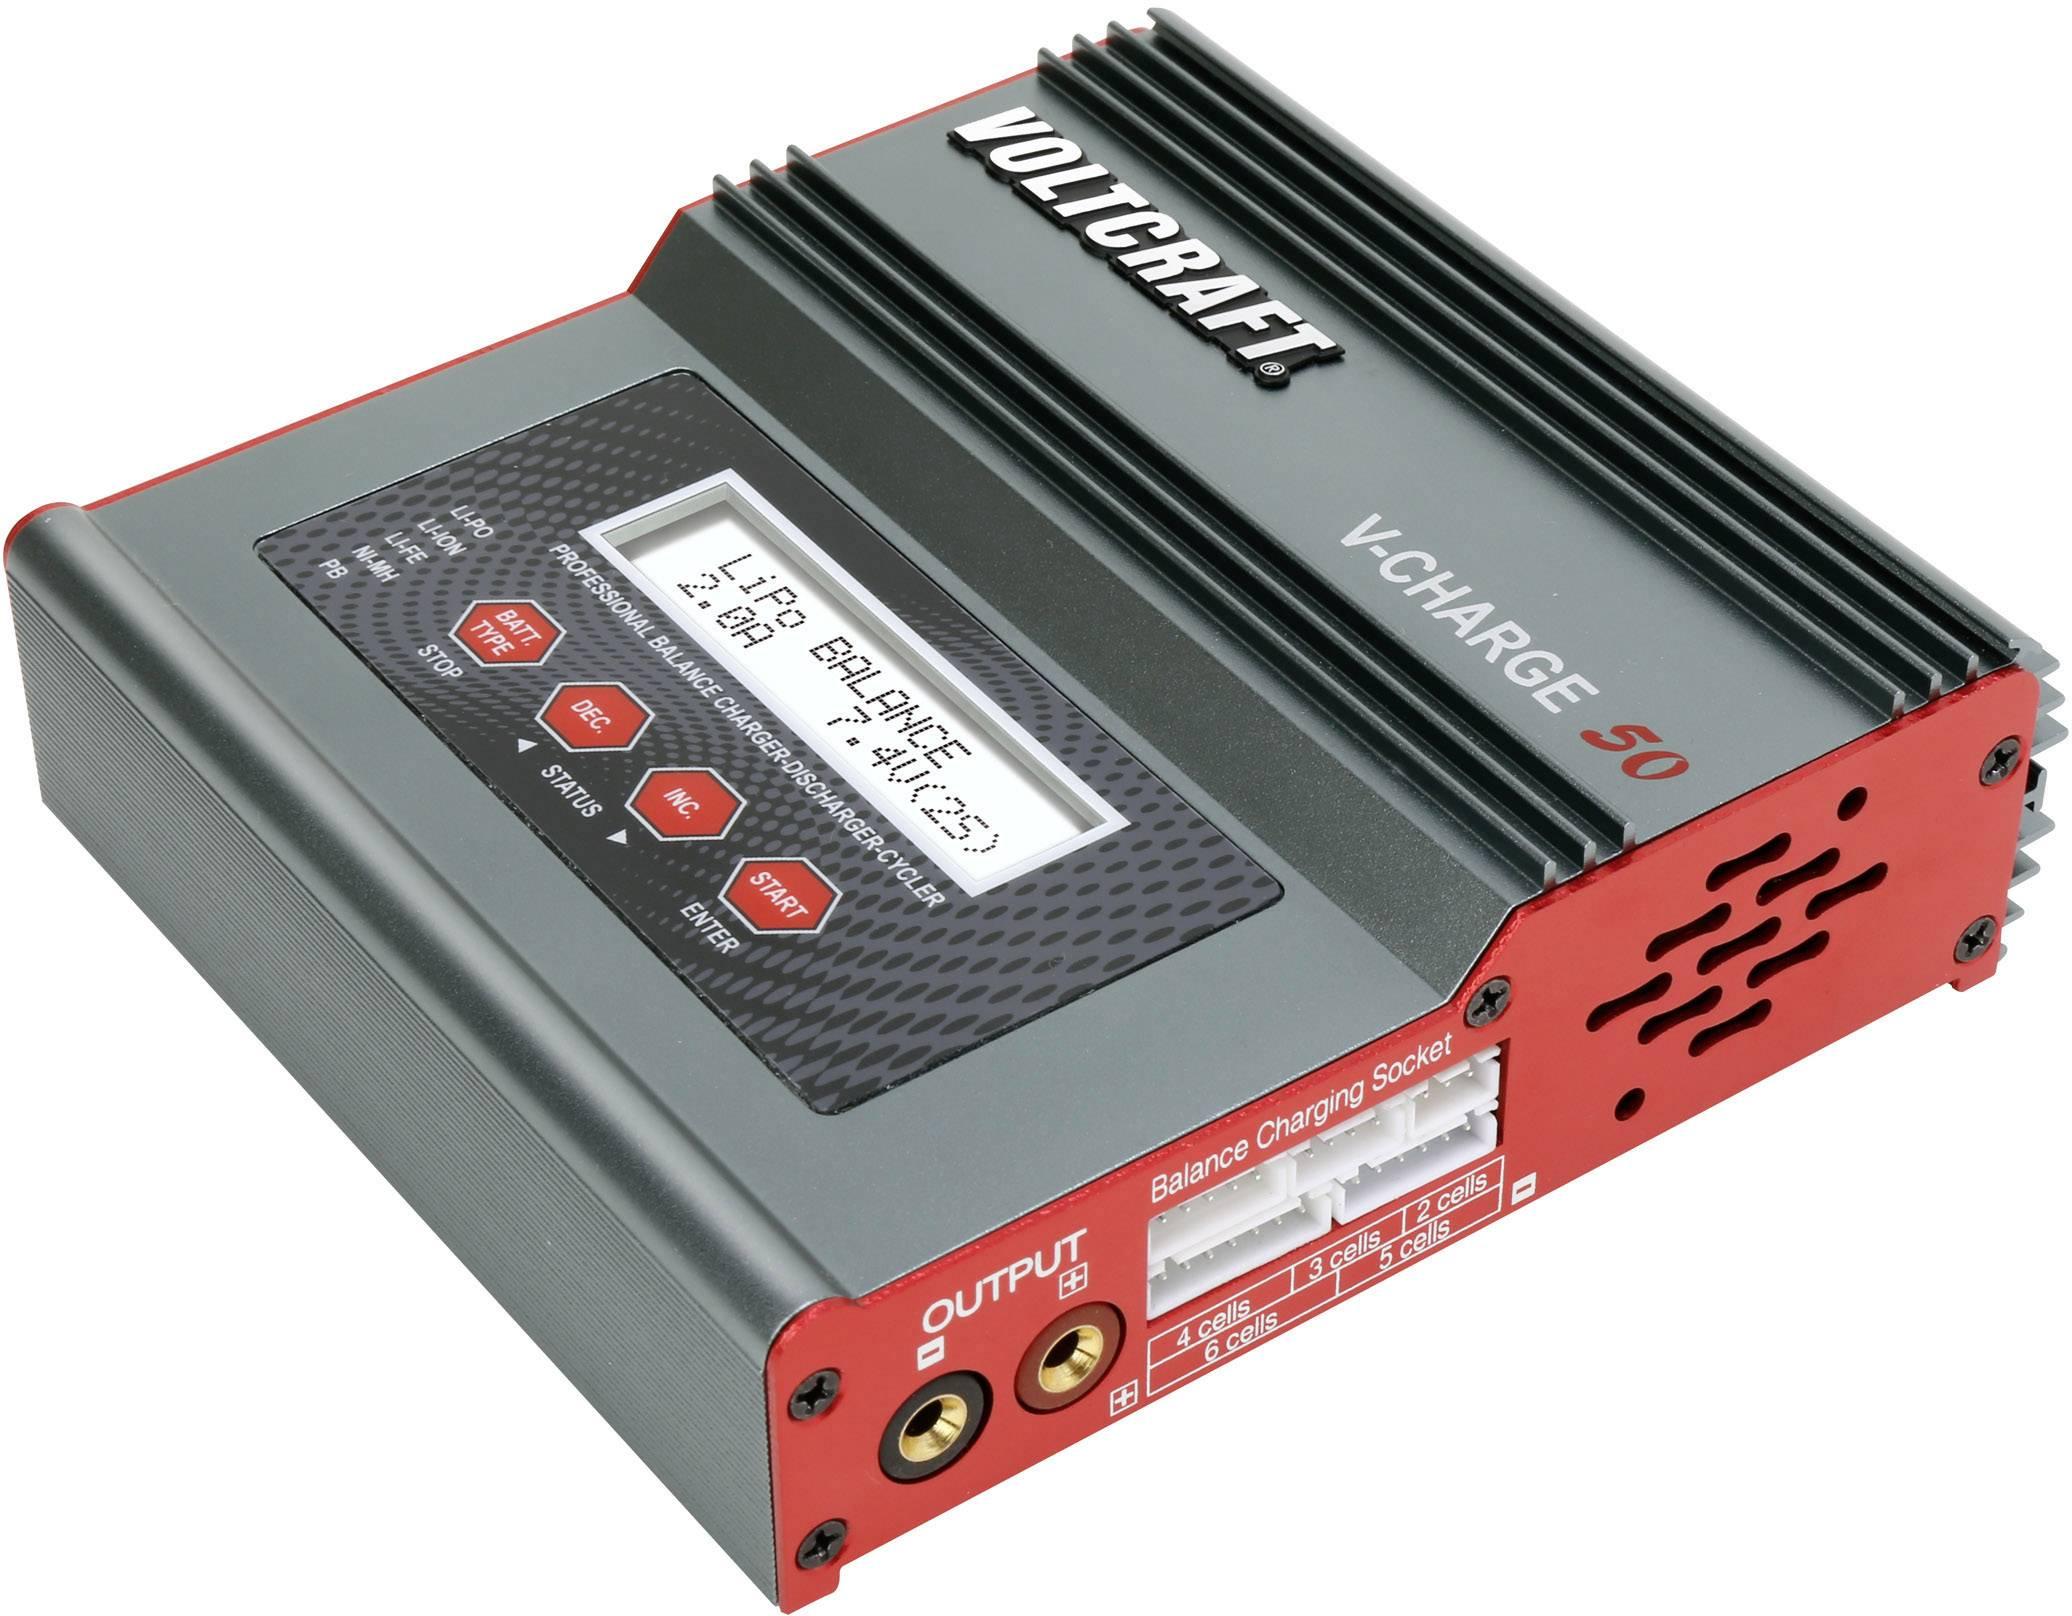 Modelářská multifunkční nabíječka VOLTCRAFT V-Charge 50 1416554, 12 V, 230 V, 7 A